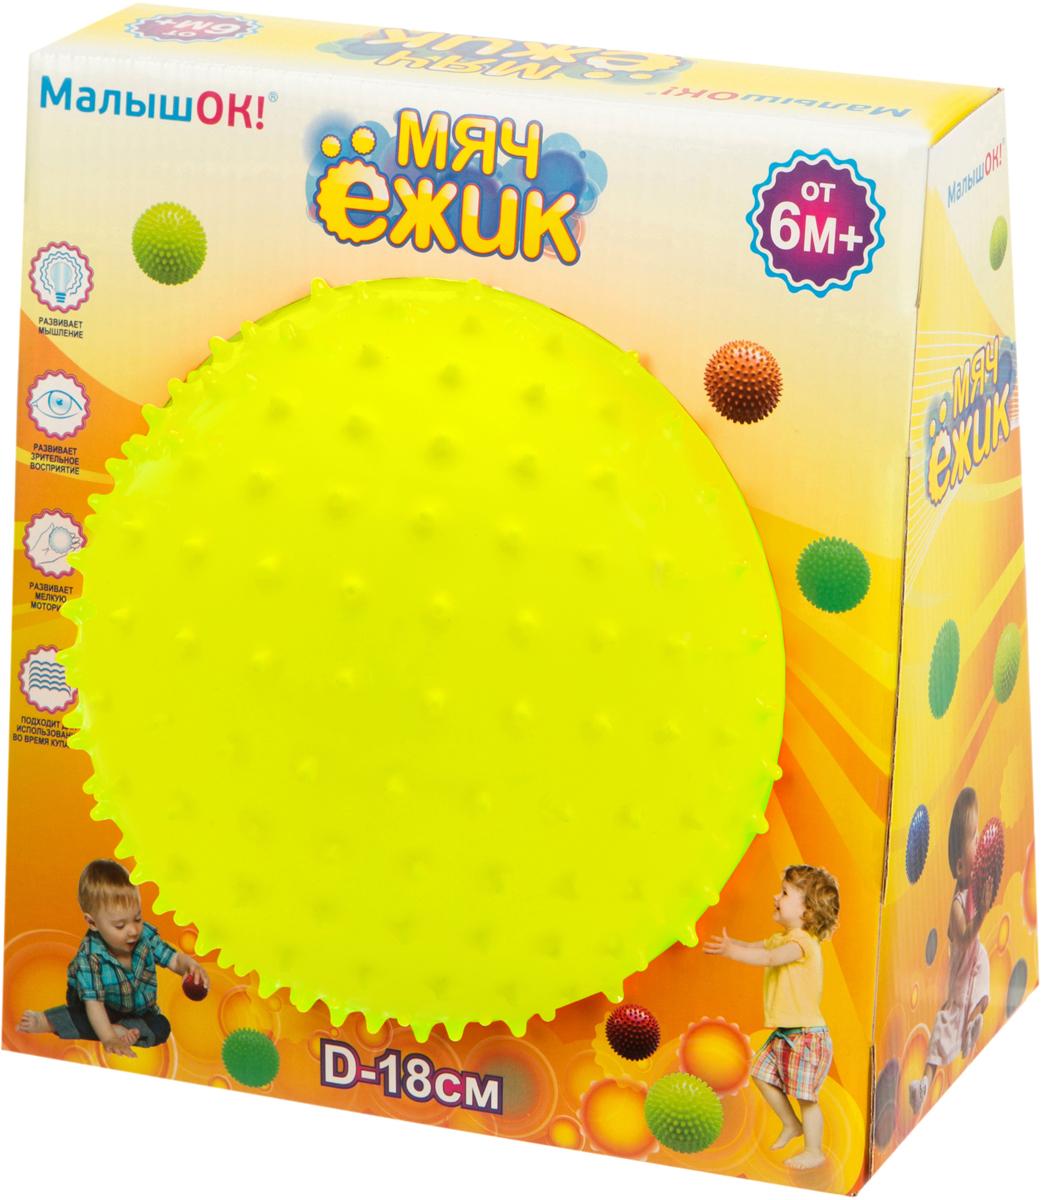 Альпина Пласт Мяч Ежик цвет желтый, 18 см6022041012Мяч Ёжик - это увлекательная игрушка для детей в возрасте от 6 месяцев. Мяч отлично подходит для игры дома и в дошкольных учреждениях. Занятия всегда можно превратить в увлекательную, весёлую и полезную игру, которая способствует тренировке реакции, координации, развитию цветового и тактильного восприятия. • Изготовлен из экологически чистого, безопасного и прочного материала,• Способствует развитию зрительного восприятия и мелкой моторики,• Подходит для использования во время купания в ванной.